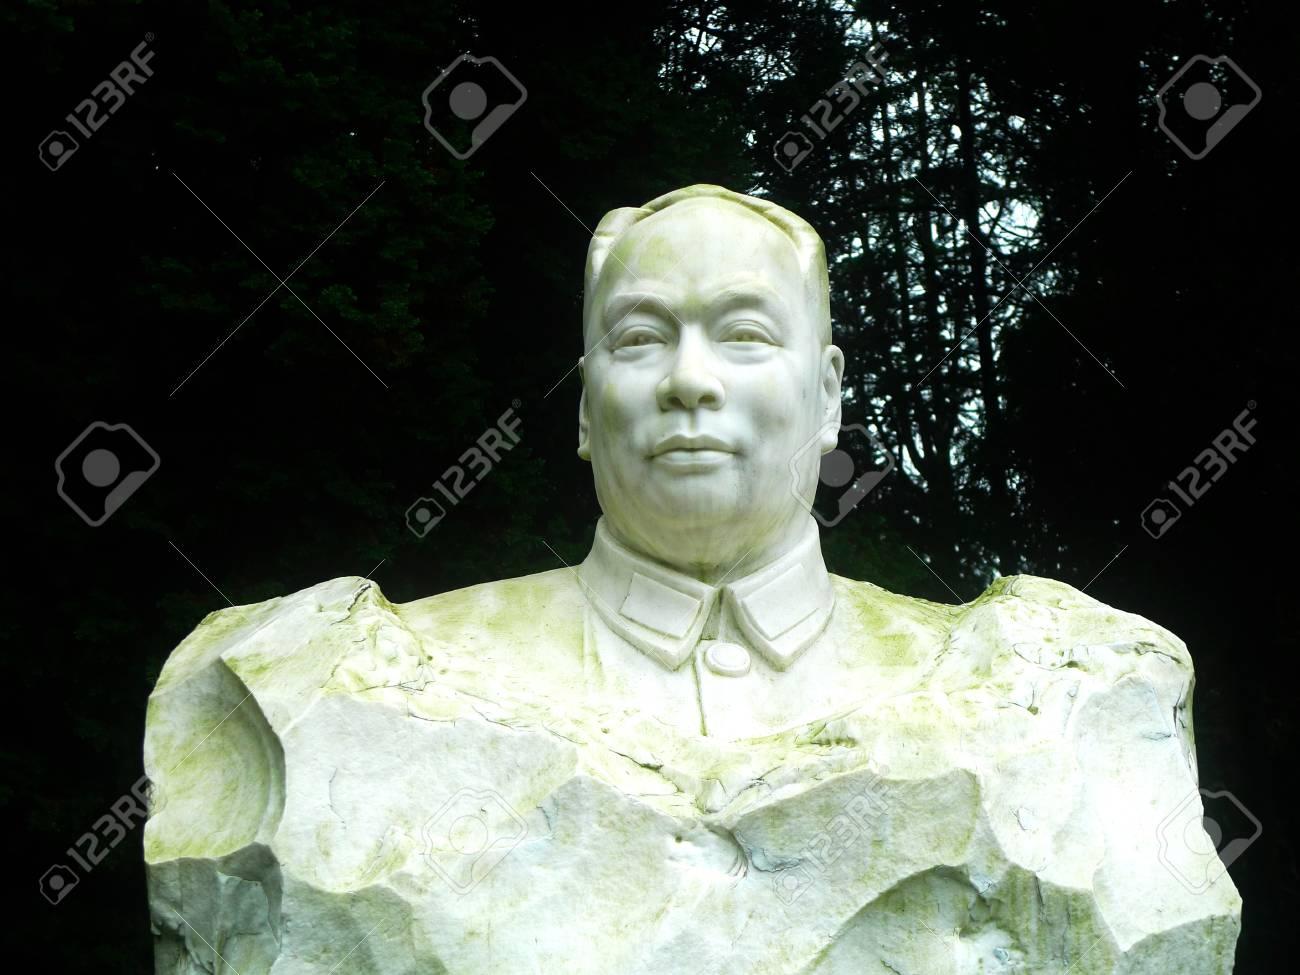 井岡山ガーデンで陳儀の彫刻 の...